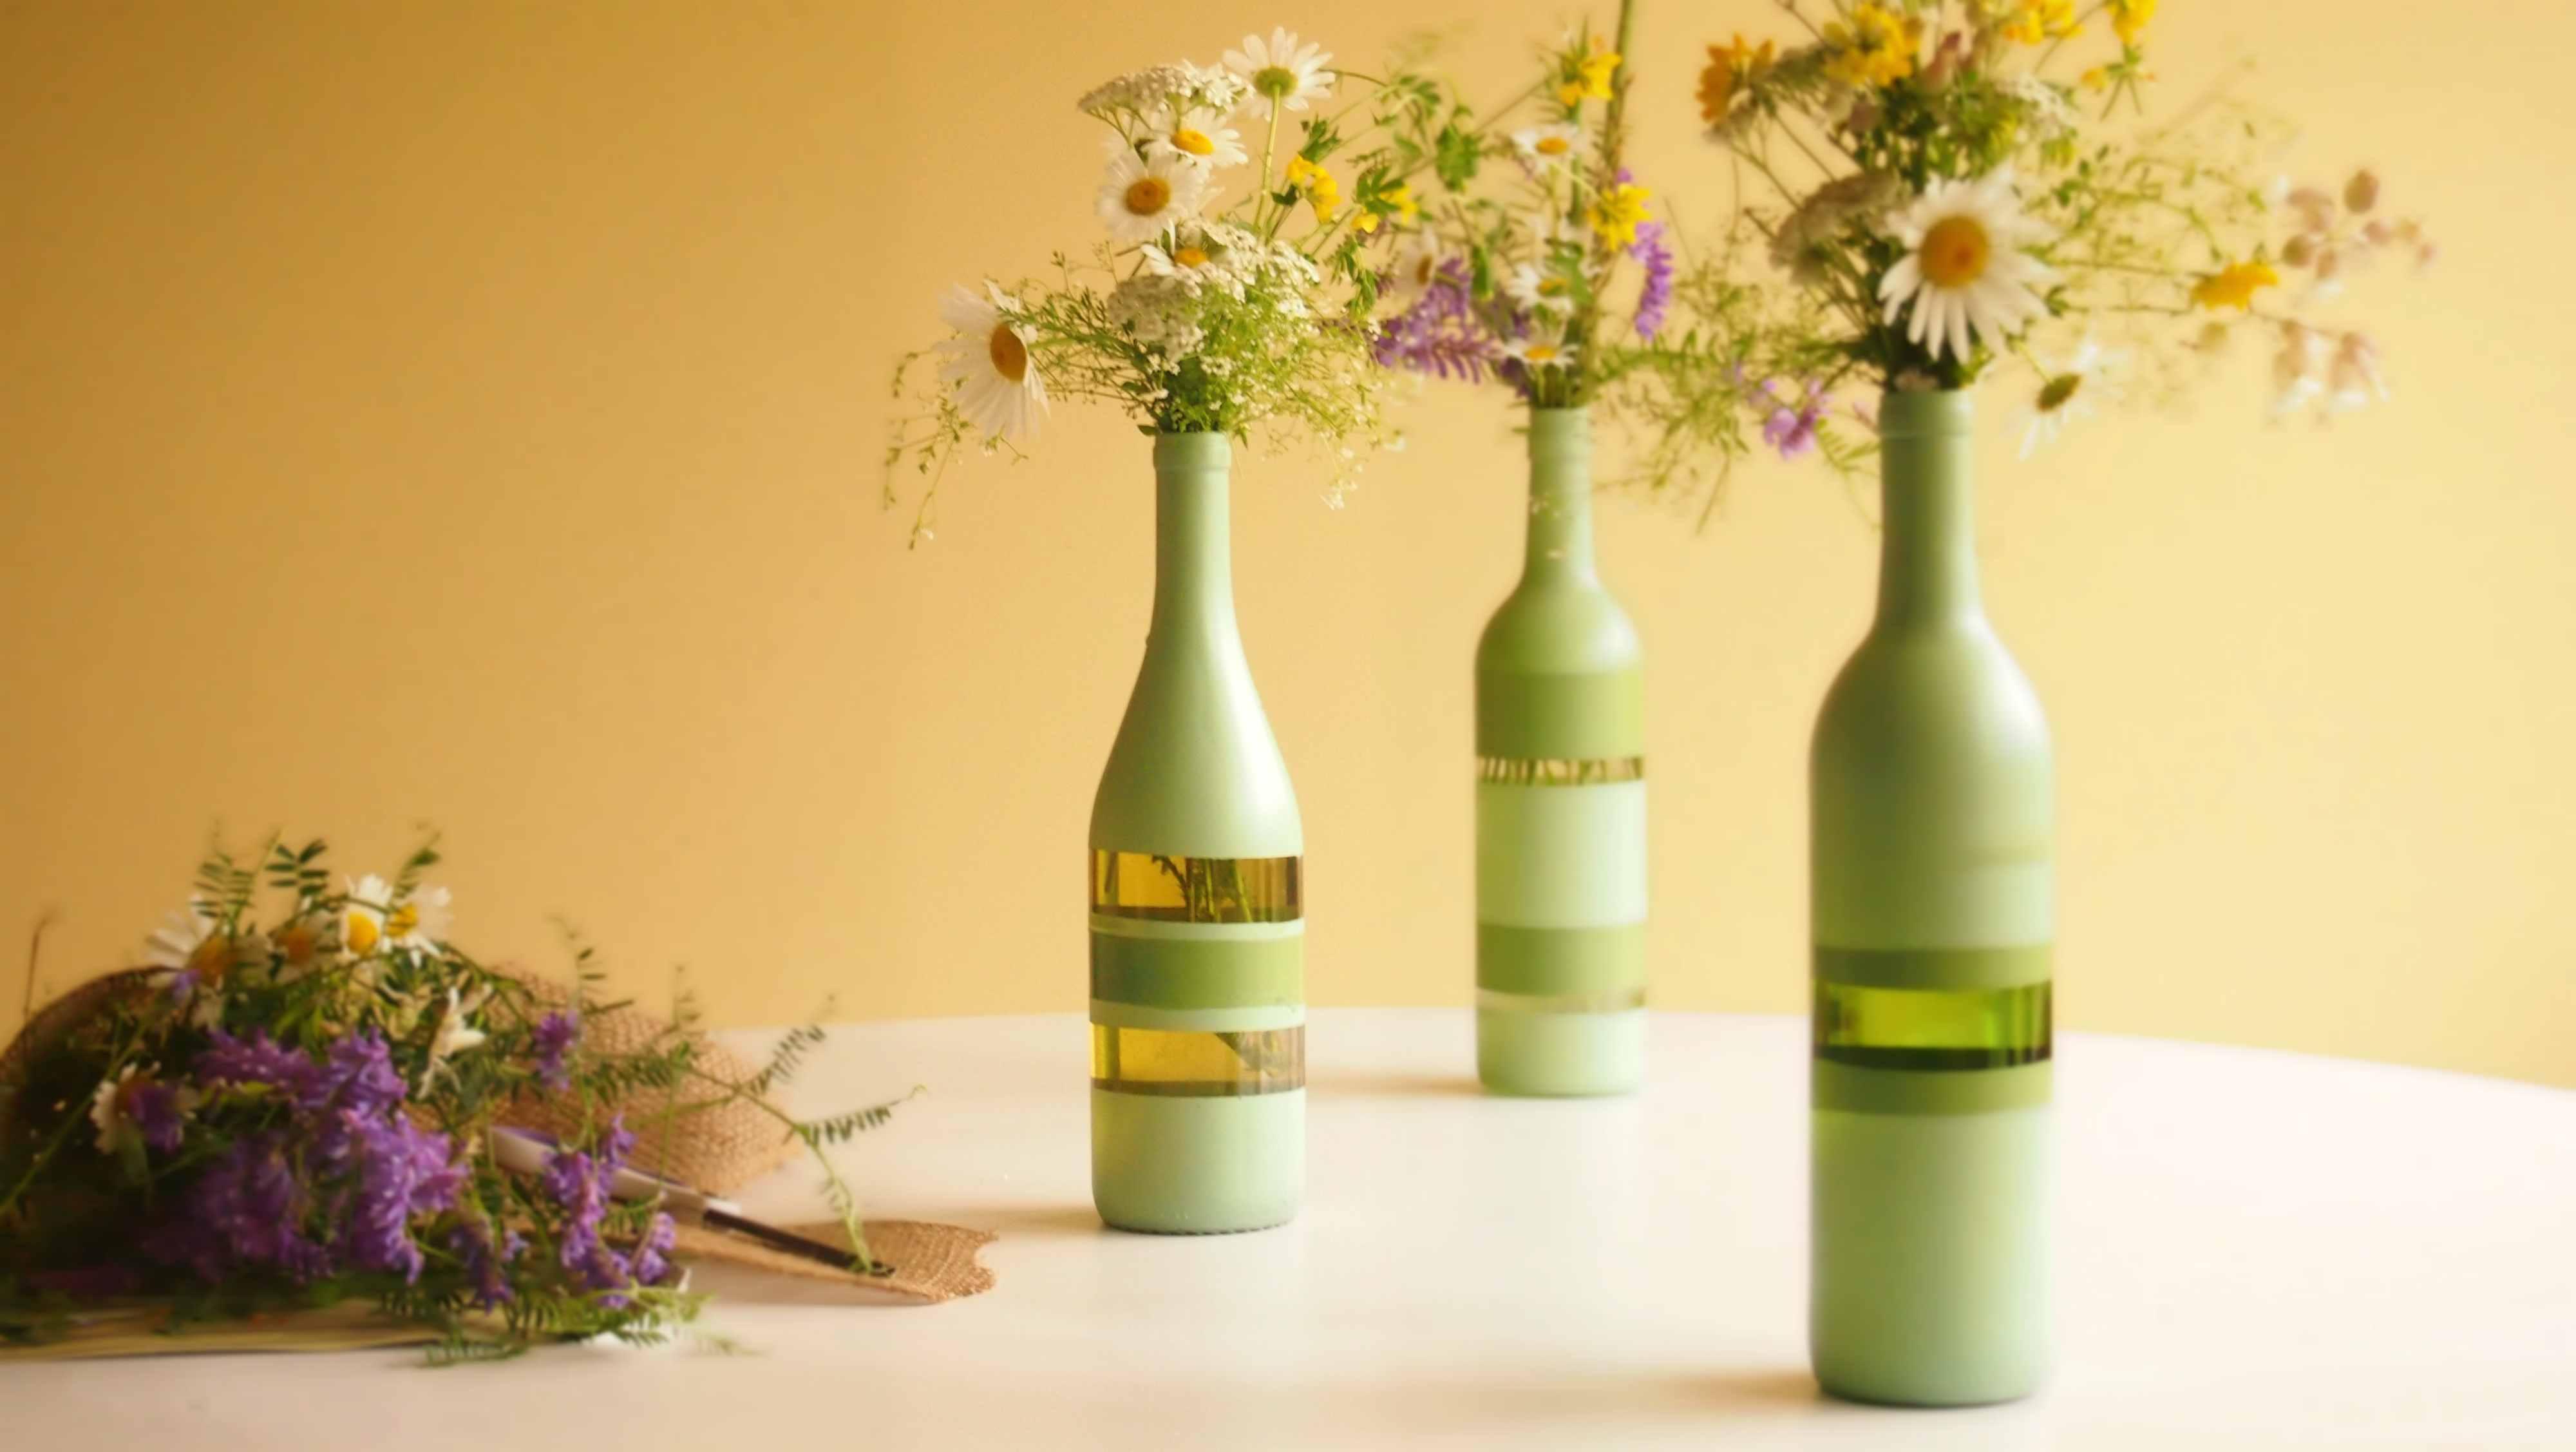 Quelques Coups De Peinture Sur Une Bouteille Vide Et Vous Voil Avec Un Magnifique Vase Pour Le Prix Leffort Que A Demandera On Conseille Den